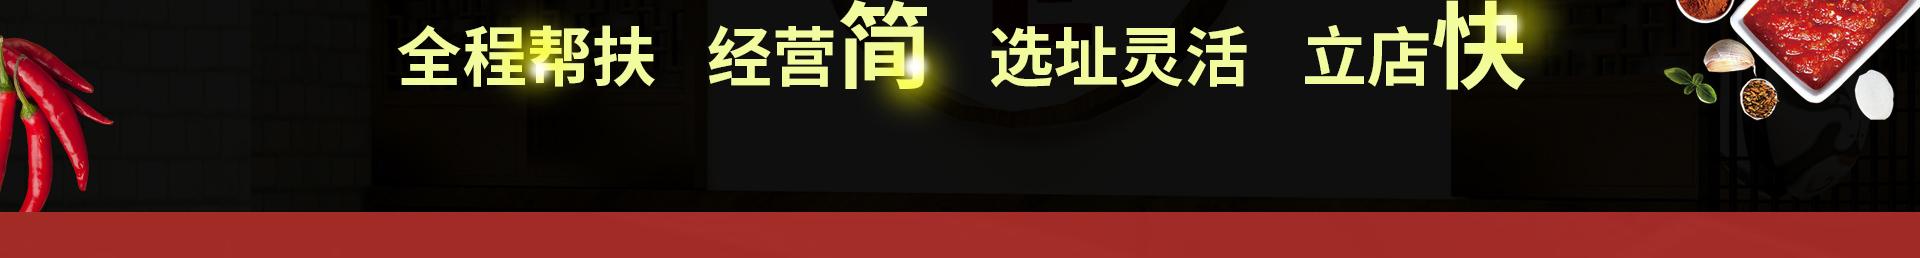 宽窄巷子火锅kzxz_09